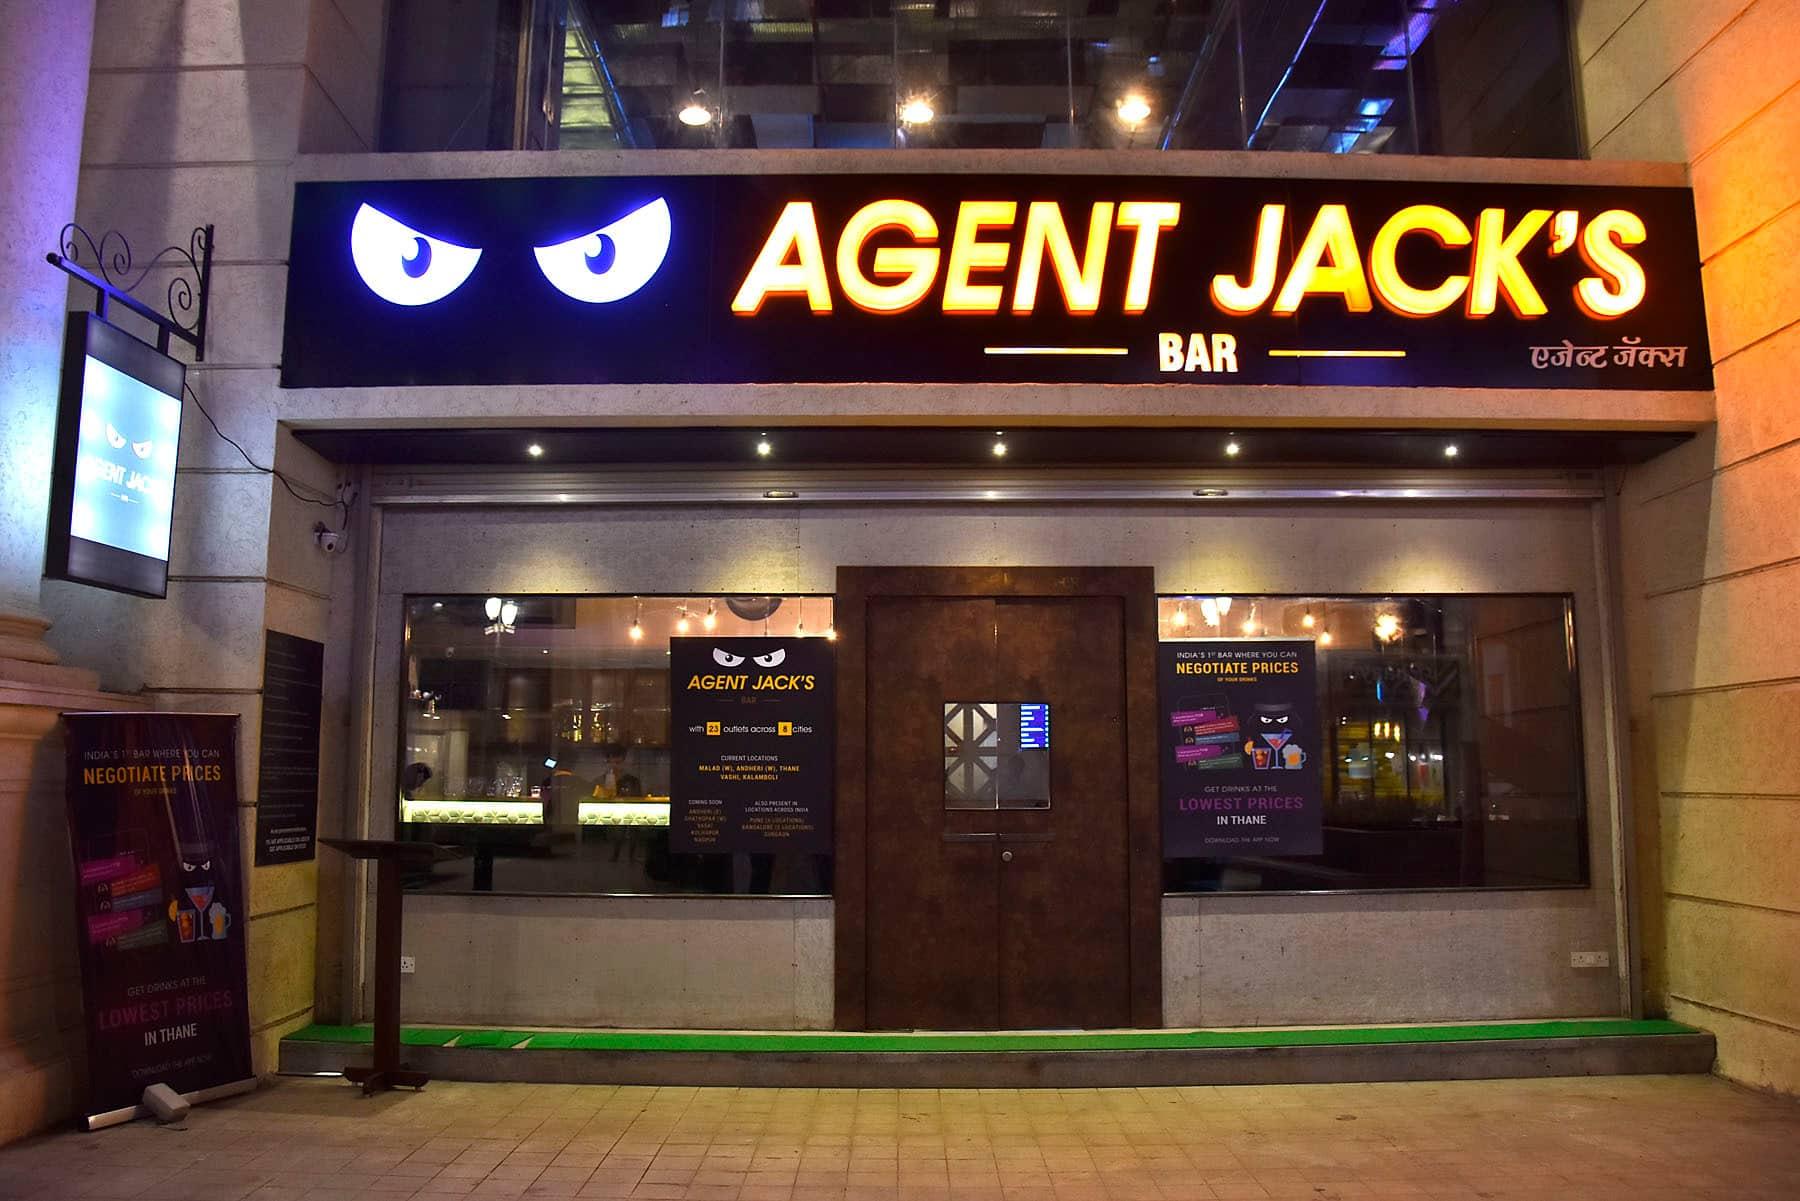 Agent Jack's Bar Franchise